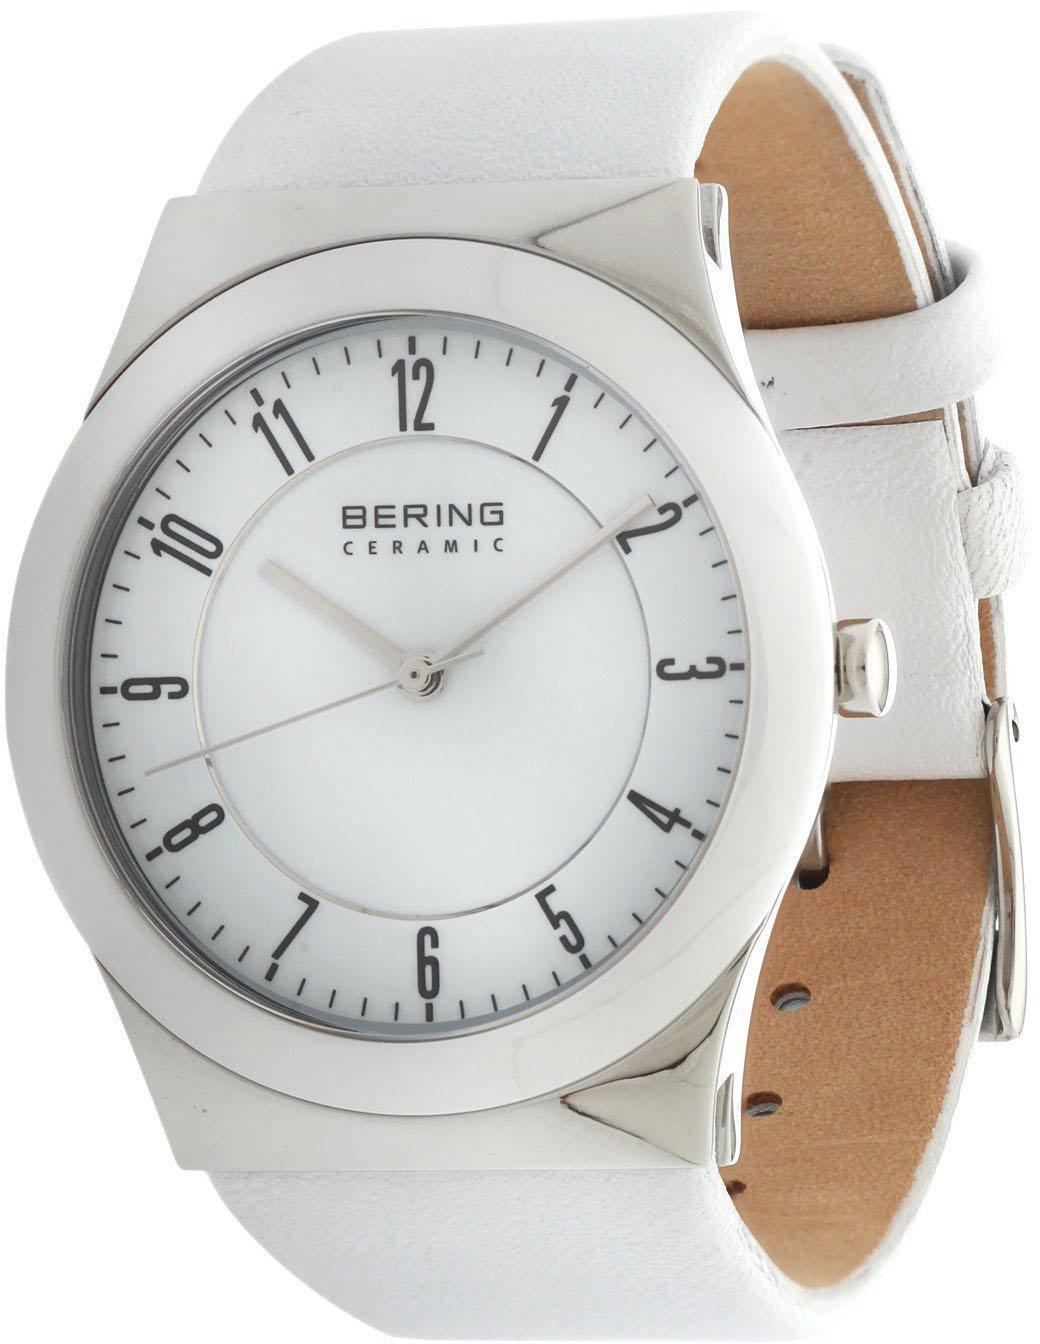 Bering Ceramic 32235-000Наручные часы<br>Датские часы Bering Ceramic 32235-000<br><br>Для кого?: Женские<br>Страна-производитель: Дания<br>Механизм: Кварцевый<br>Материал корпуса: Сталь<br>Материал ремня/браслета: Кожа<br>Водозащита, диапазон: 20 - 100 м<br>Стекло: Сапфировое<br>Толщина корпуса: None<br>Стиль: Классика